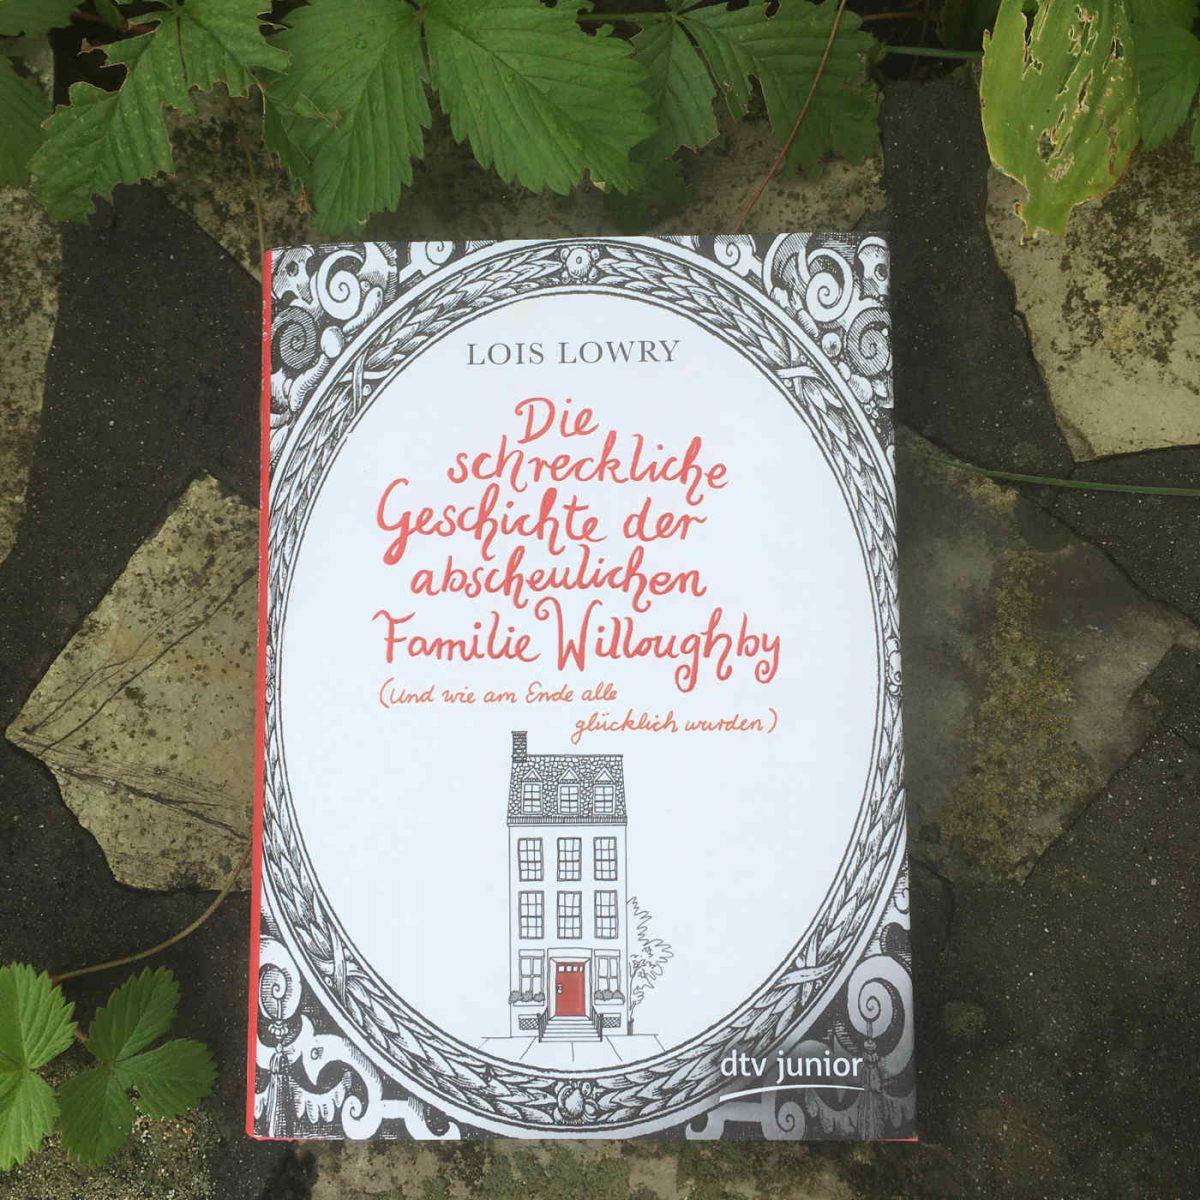 Lois Lowry: Die schreckliche Geschichte der abscheulichen Familie Willoughby (Und wie am Ende alle glücklich wurden)